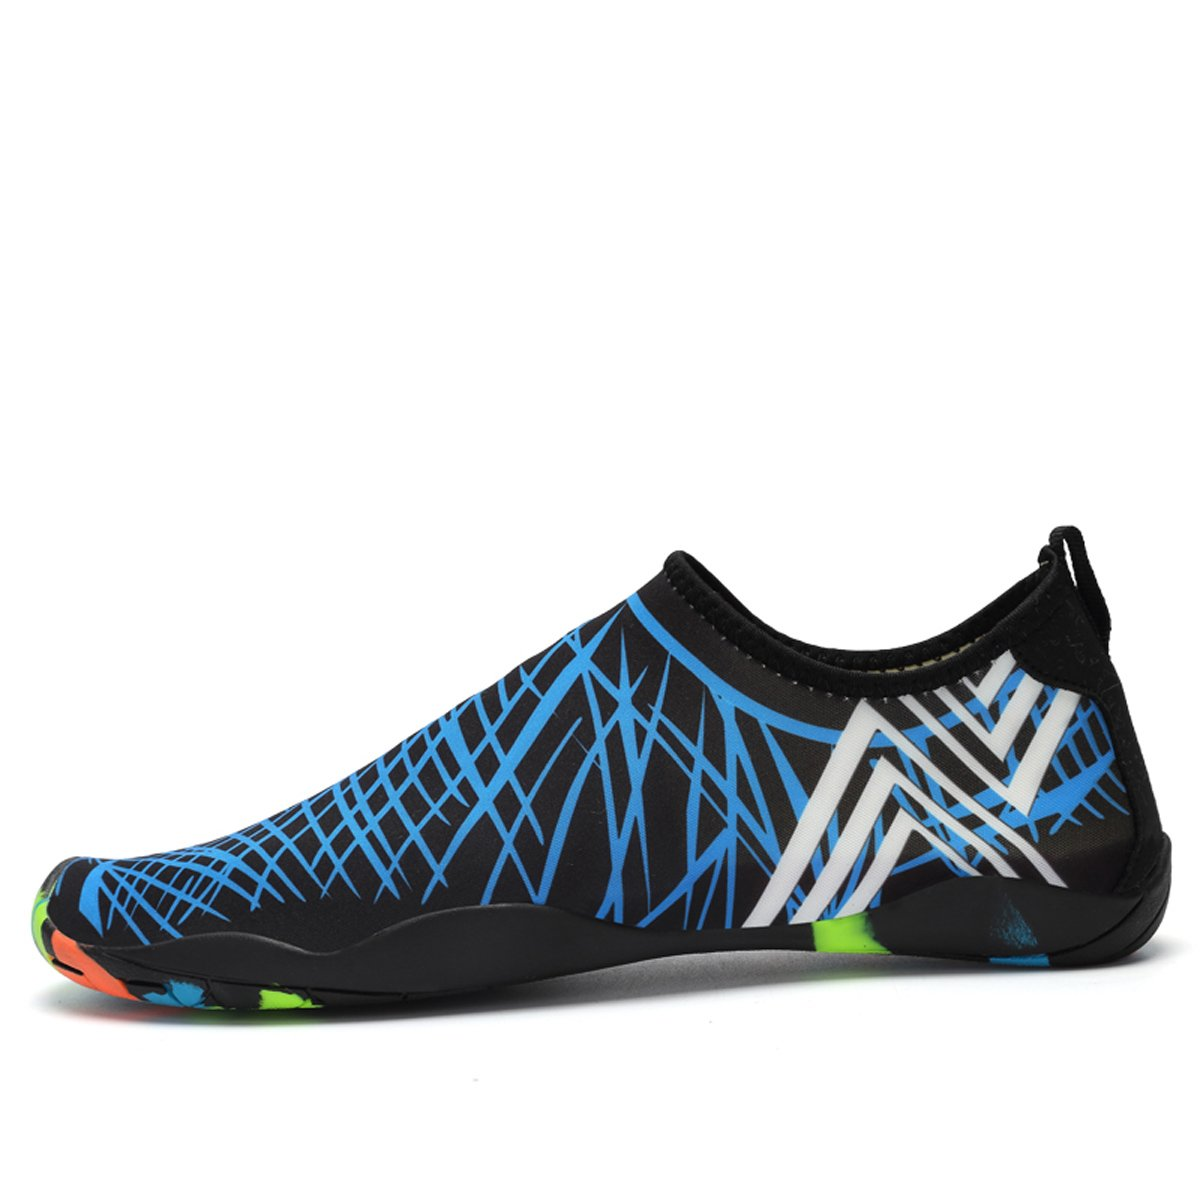 fa09efab3fe AFFINEST Unisexe Plongée Chaussures Respirants Séchage Rapide ...